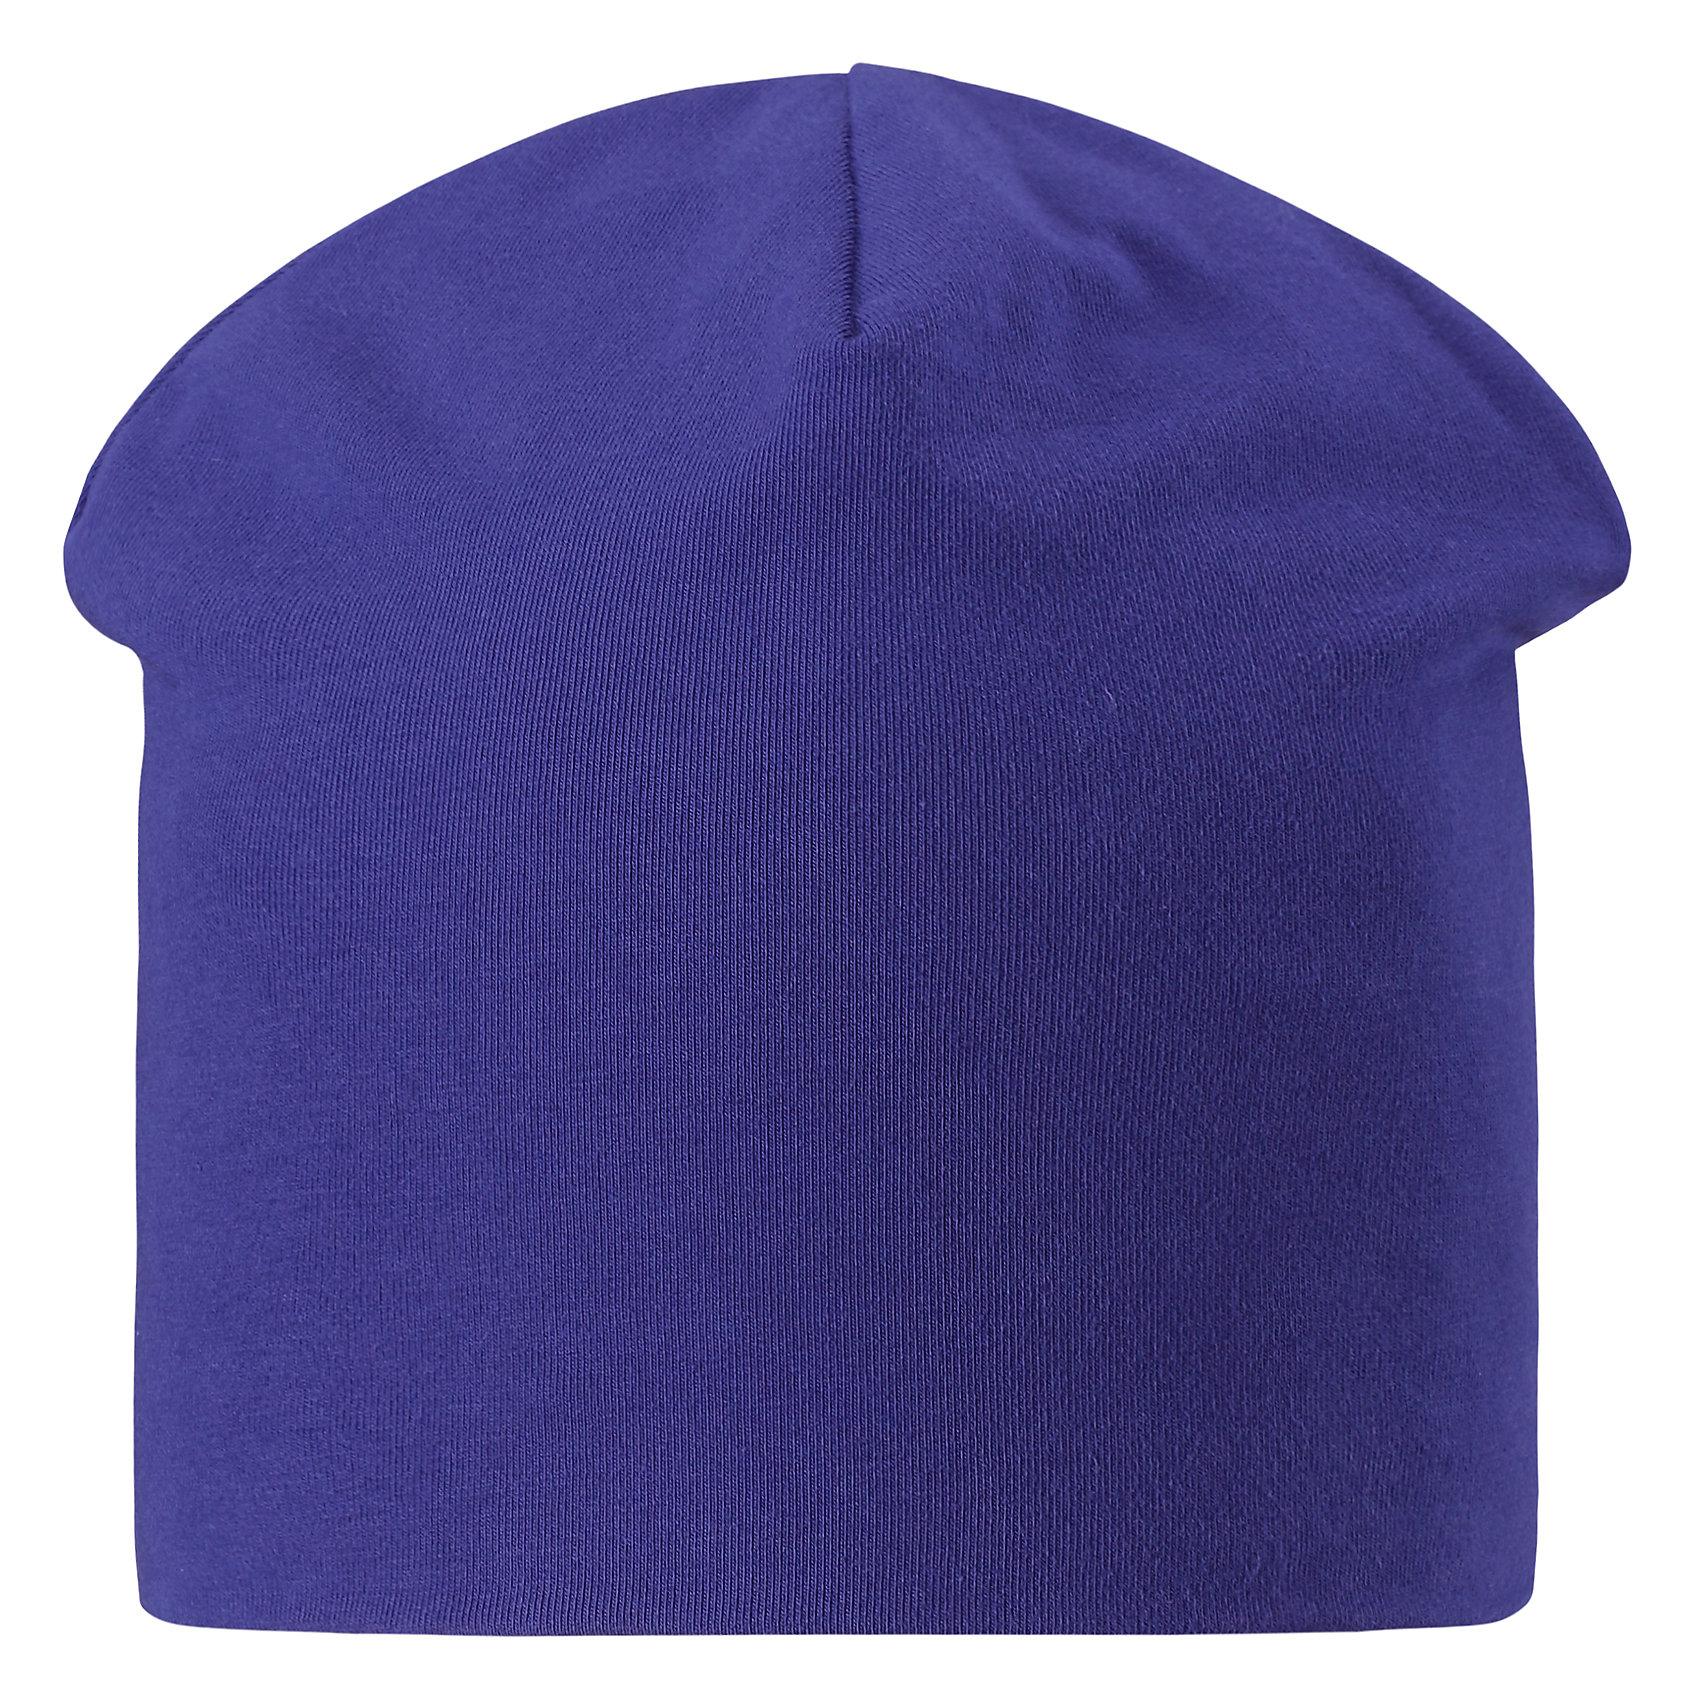 Шапка  для мальчика LASSIEШапки и шарфы<br>Характеристики товара:<br><br>• цвет: синий<br>• состав: 95% хлопок, 5% эластан<br>• эластичный материал<br>• мягкая сплошная подкладка: смесь хлопка jersey<br>• комфортная посадка<br>• страна производства: Китай<br>• страна бренда: Финляндия<br>• коллекция: весна-лето 2017<br><br>Детский головной убор может быть модным и удобным одновременно! Стильная шапка поможет обеспечить ребенку комфорт и дополнить наряд. Она отлично смотрится с различной одеждой. Шапка удобно сидит и аккуратно выглядит. Проста в уходе, долго служит. Продуманный крой разрабатывался специально для детей.<br><br>Обувь и одежда от финского бренда LASSIE пользуются популярностью во многих странах. Они стильные, качественные и удобные. Для производства продукции используются только безопасные, проверенные материалы и фурнитура. Порадуйте ребенка модными и красивыми вещами от Lassie®! <br><br>Шапку для мальчика от финского бренда LASSIE можно купить в нашем интернет-магазине.<br><br>Ширина мм: 89<br>Глубина мм: 117<br>Высота мм: 44<br>Вес г: 155<br>Цвет: синий<br>Возраст от месяцев: 72<br>Возраст до месяцев: 120<br>Пол: Мужской<br>Возраст: Детский<br>Размер: 54-56,46-48,50-52<br>SKU: 5264155